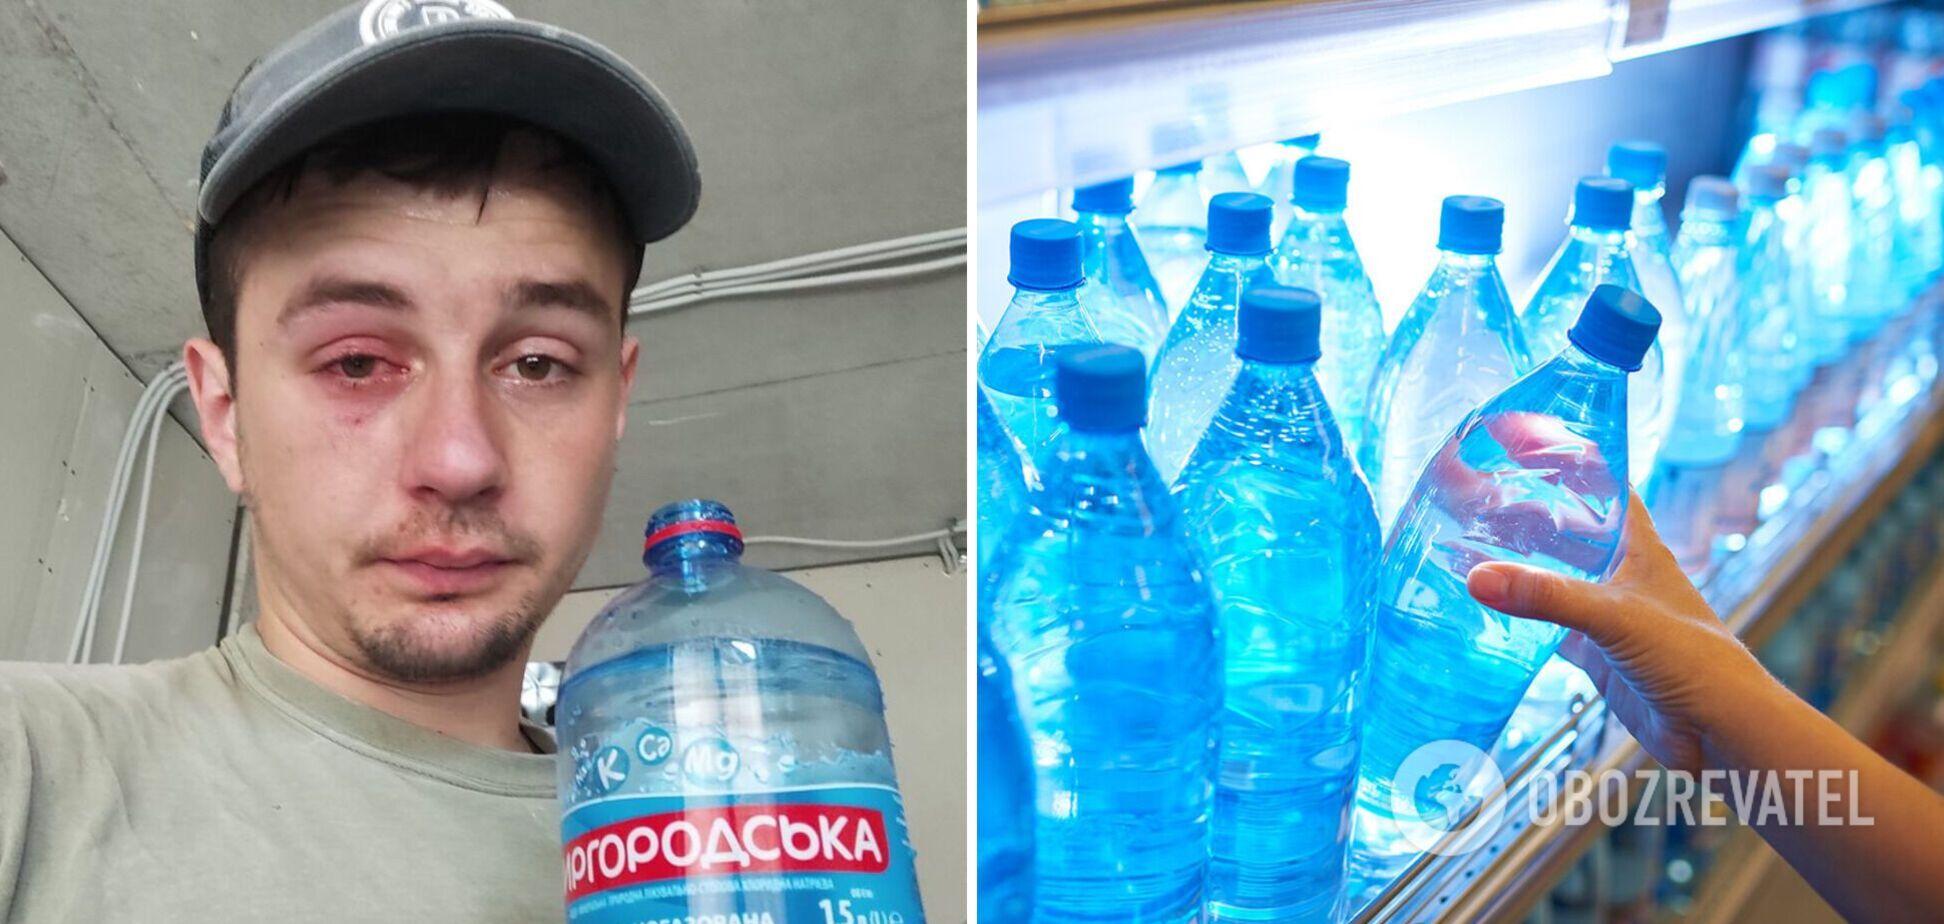 Украинец едва не потерял глаз из-за бутылки минералки. Фото